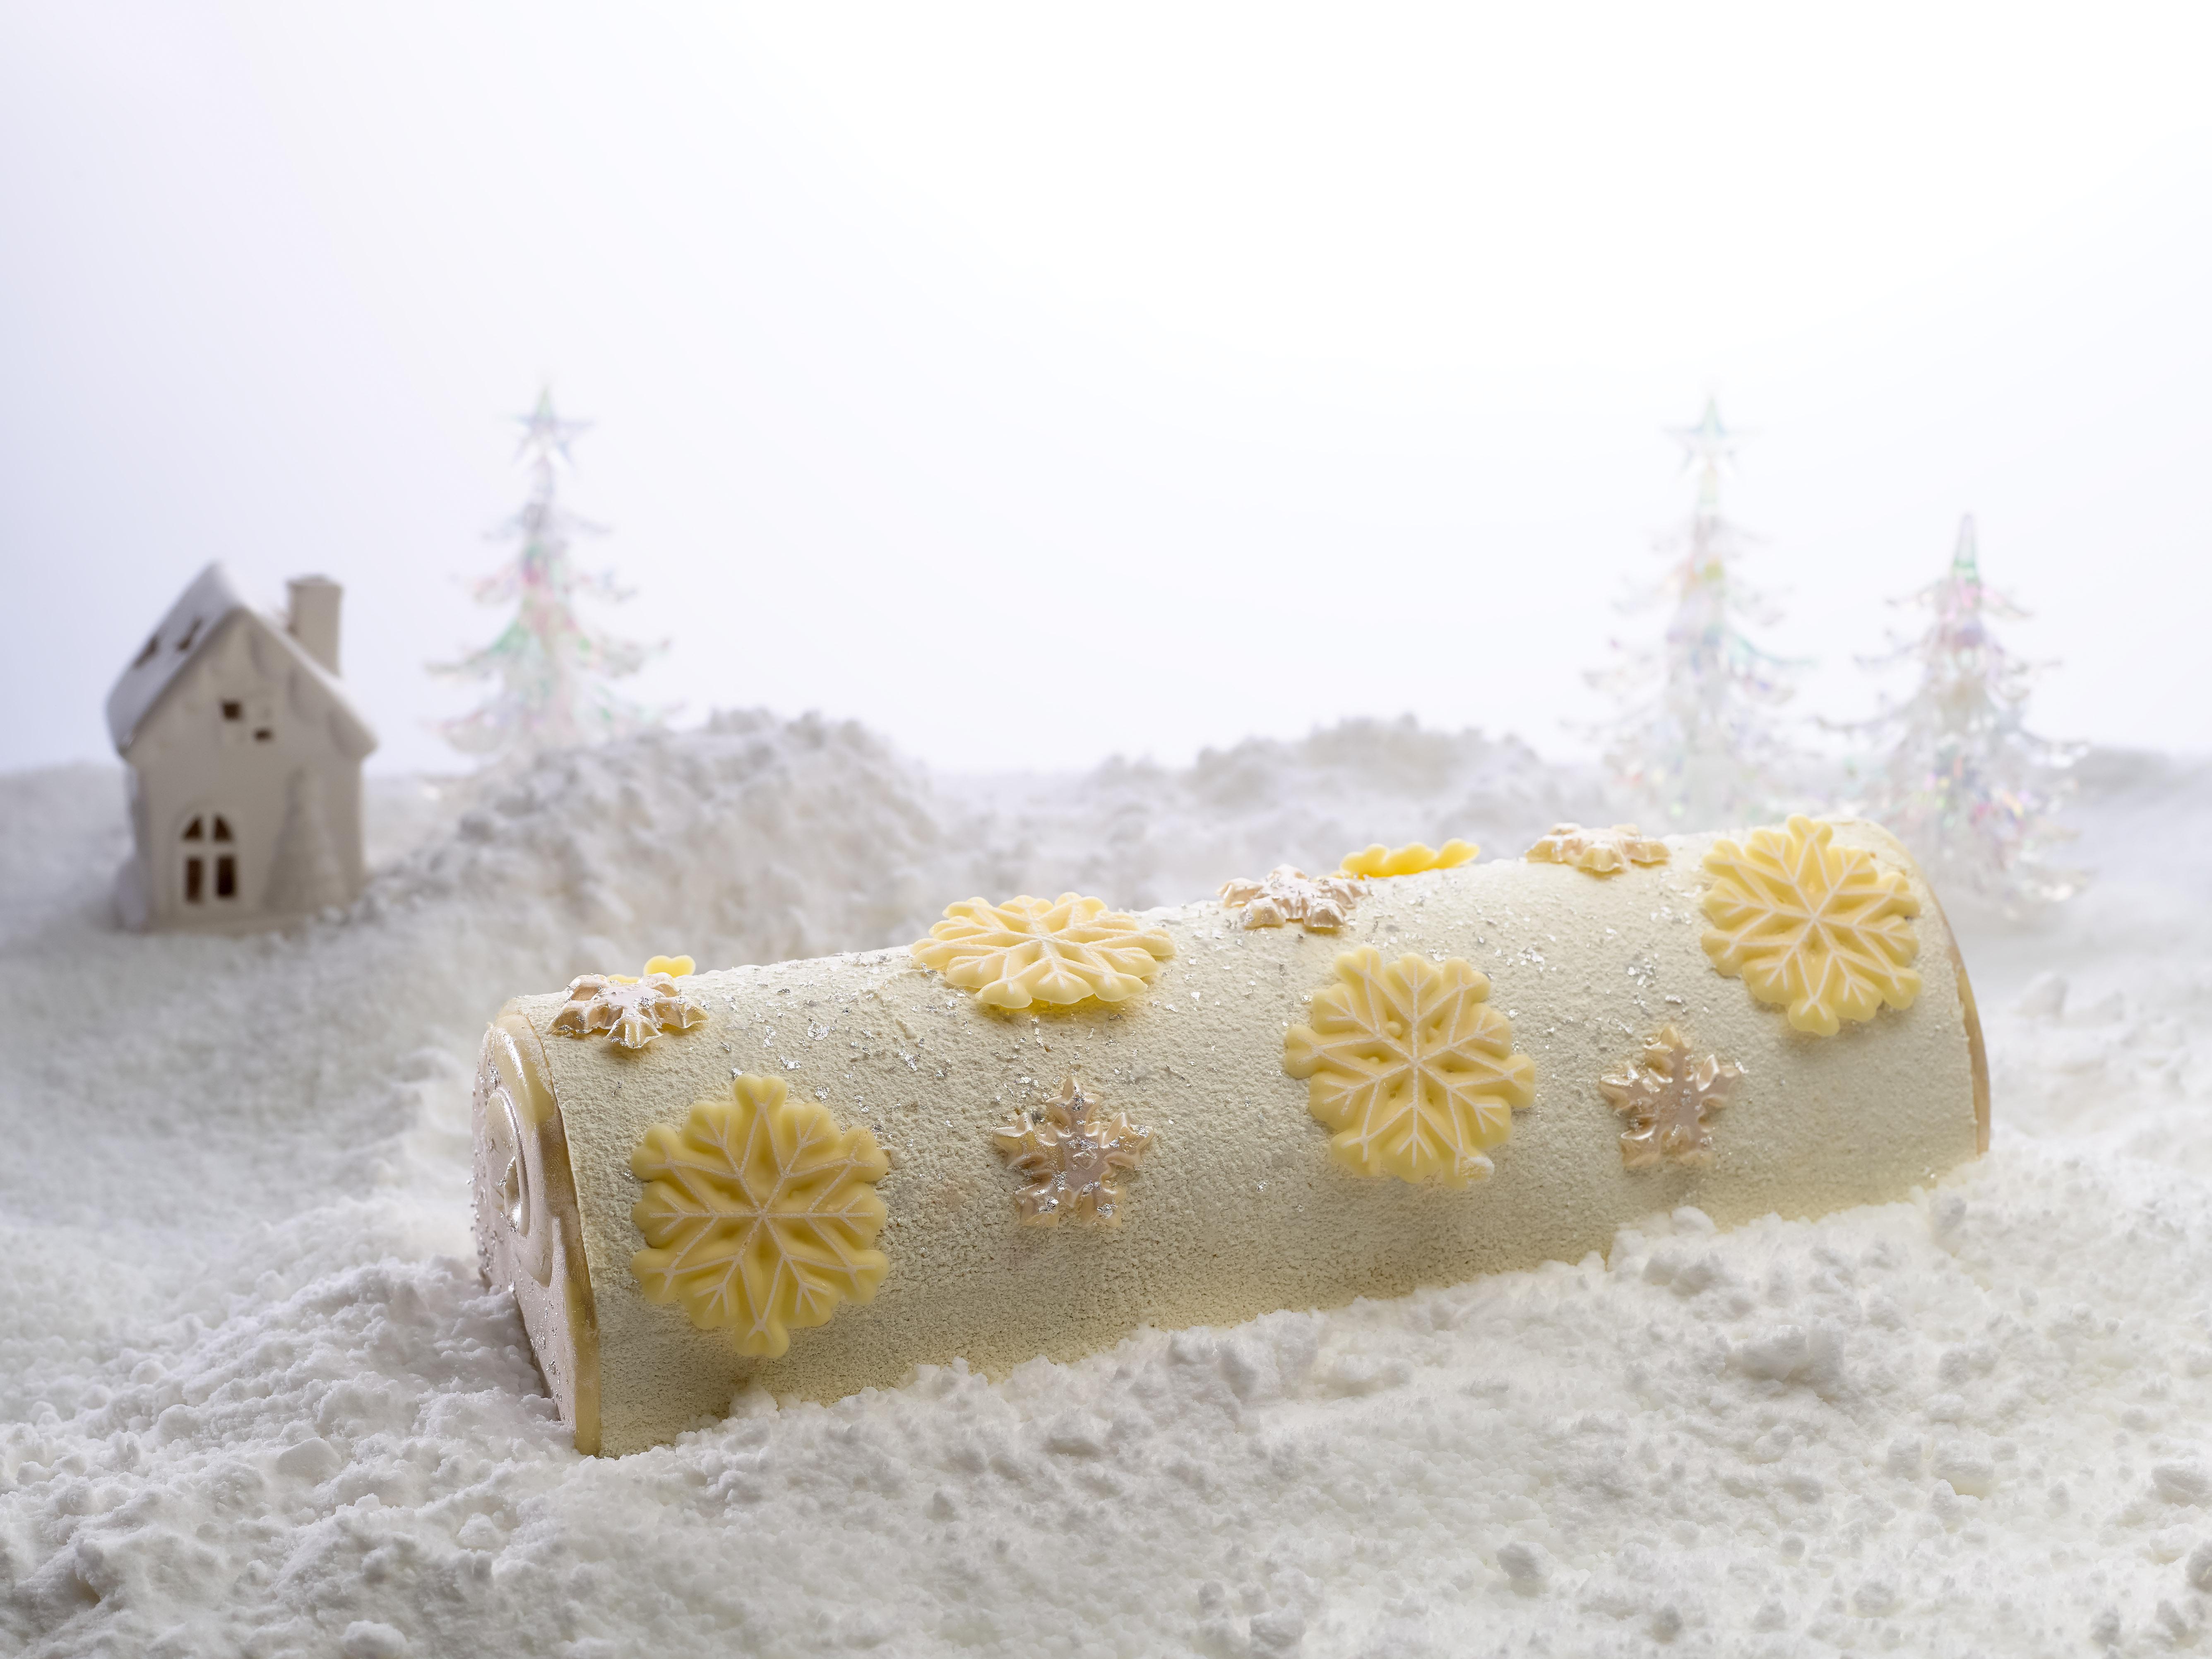 joy-log-cake